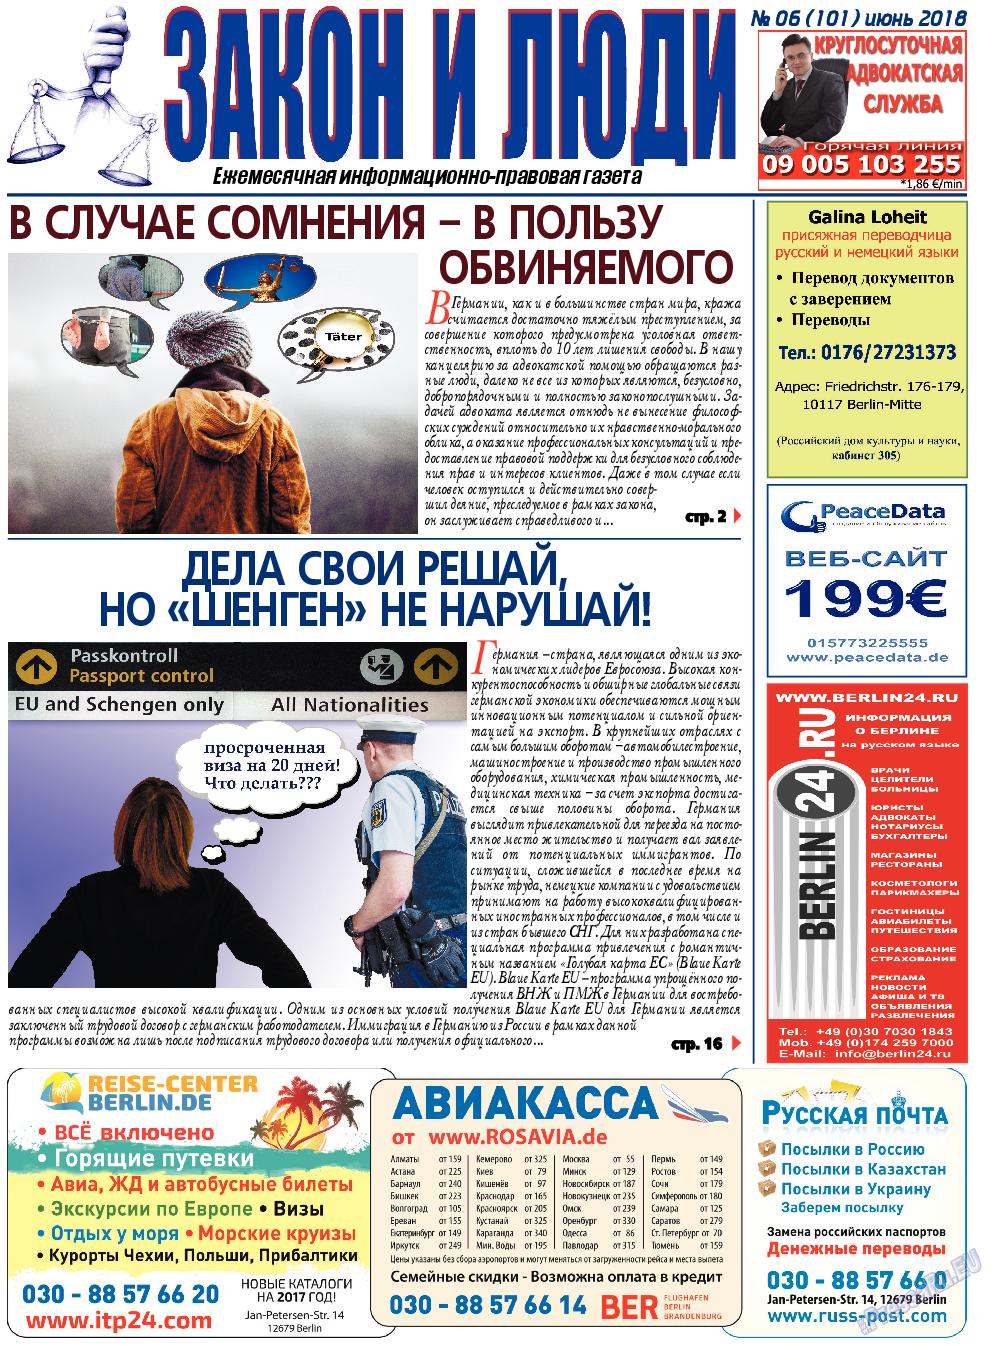 Закон и люди (газета). 2018 год, номер 6, стр. 1